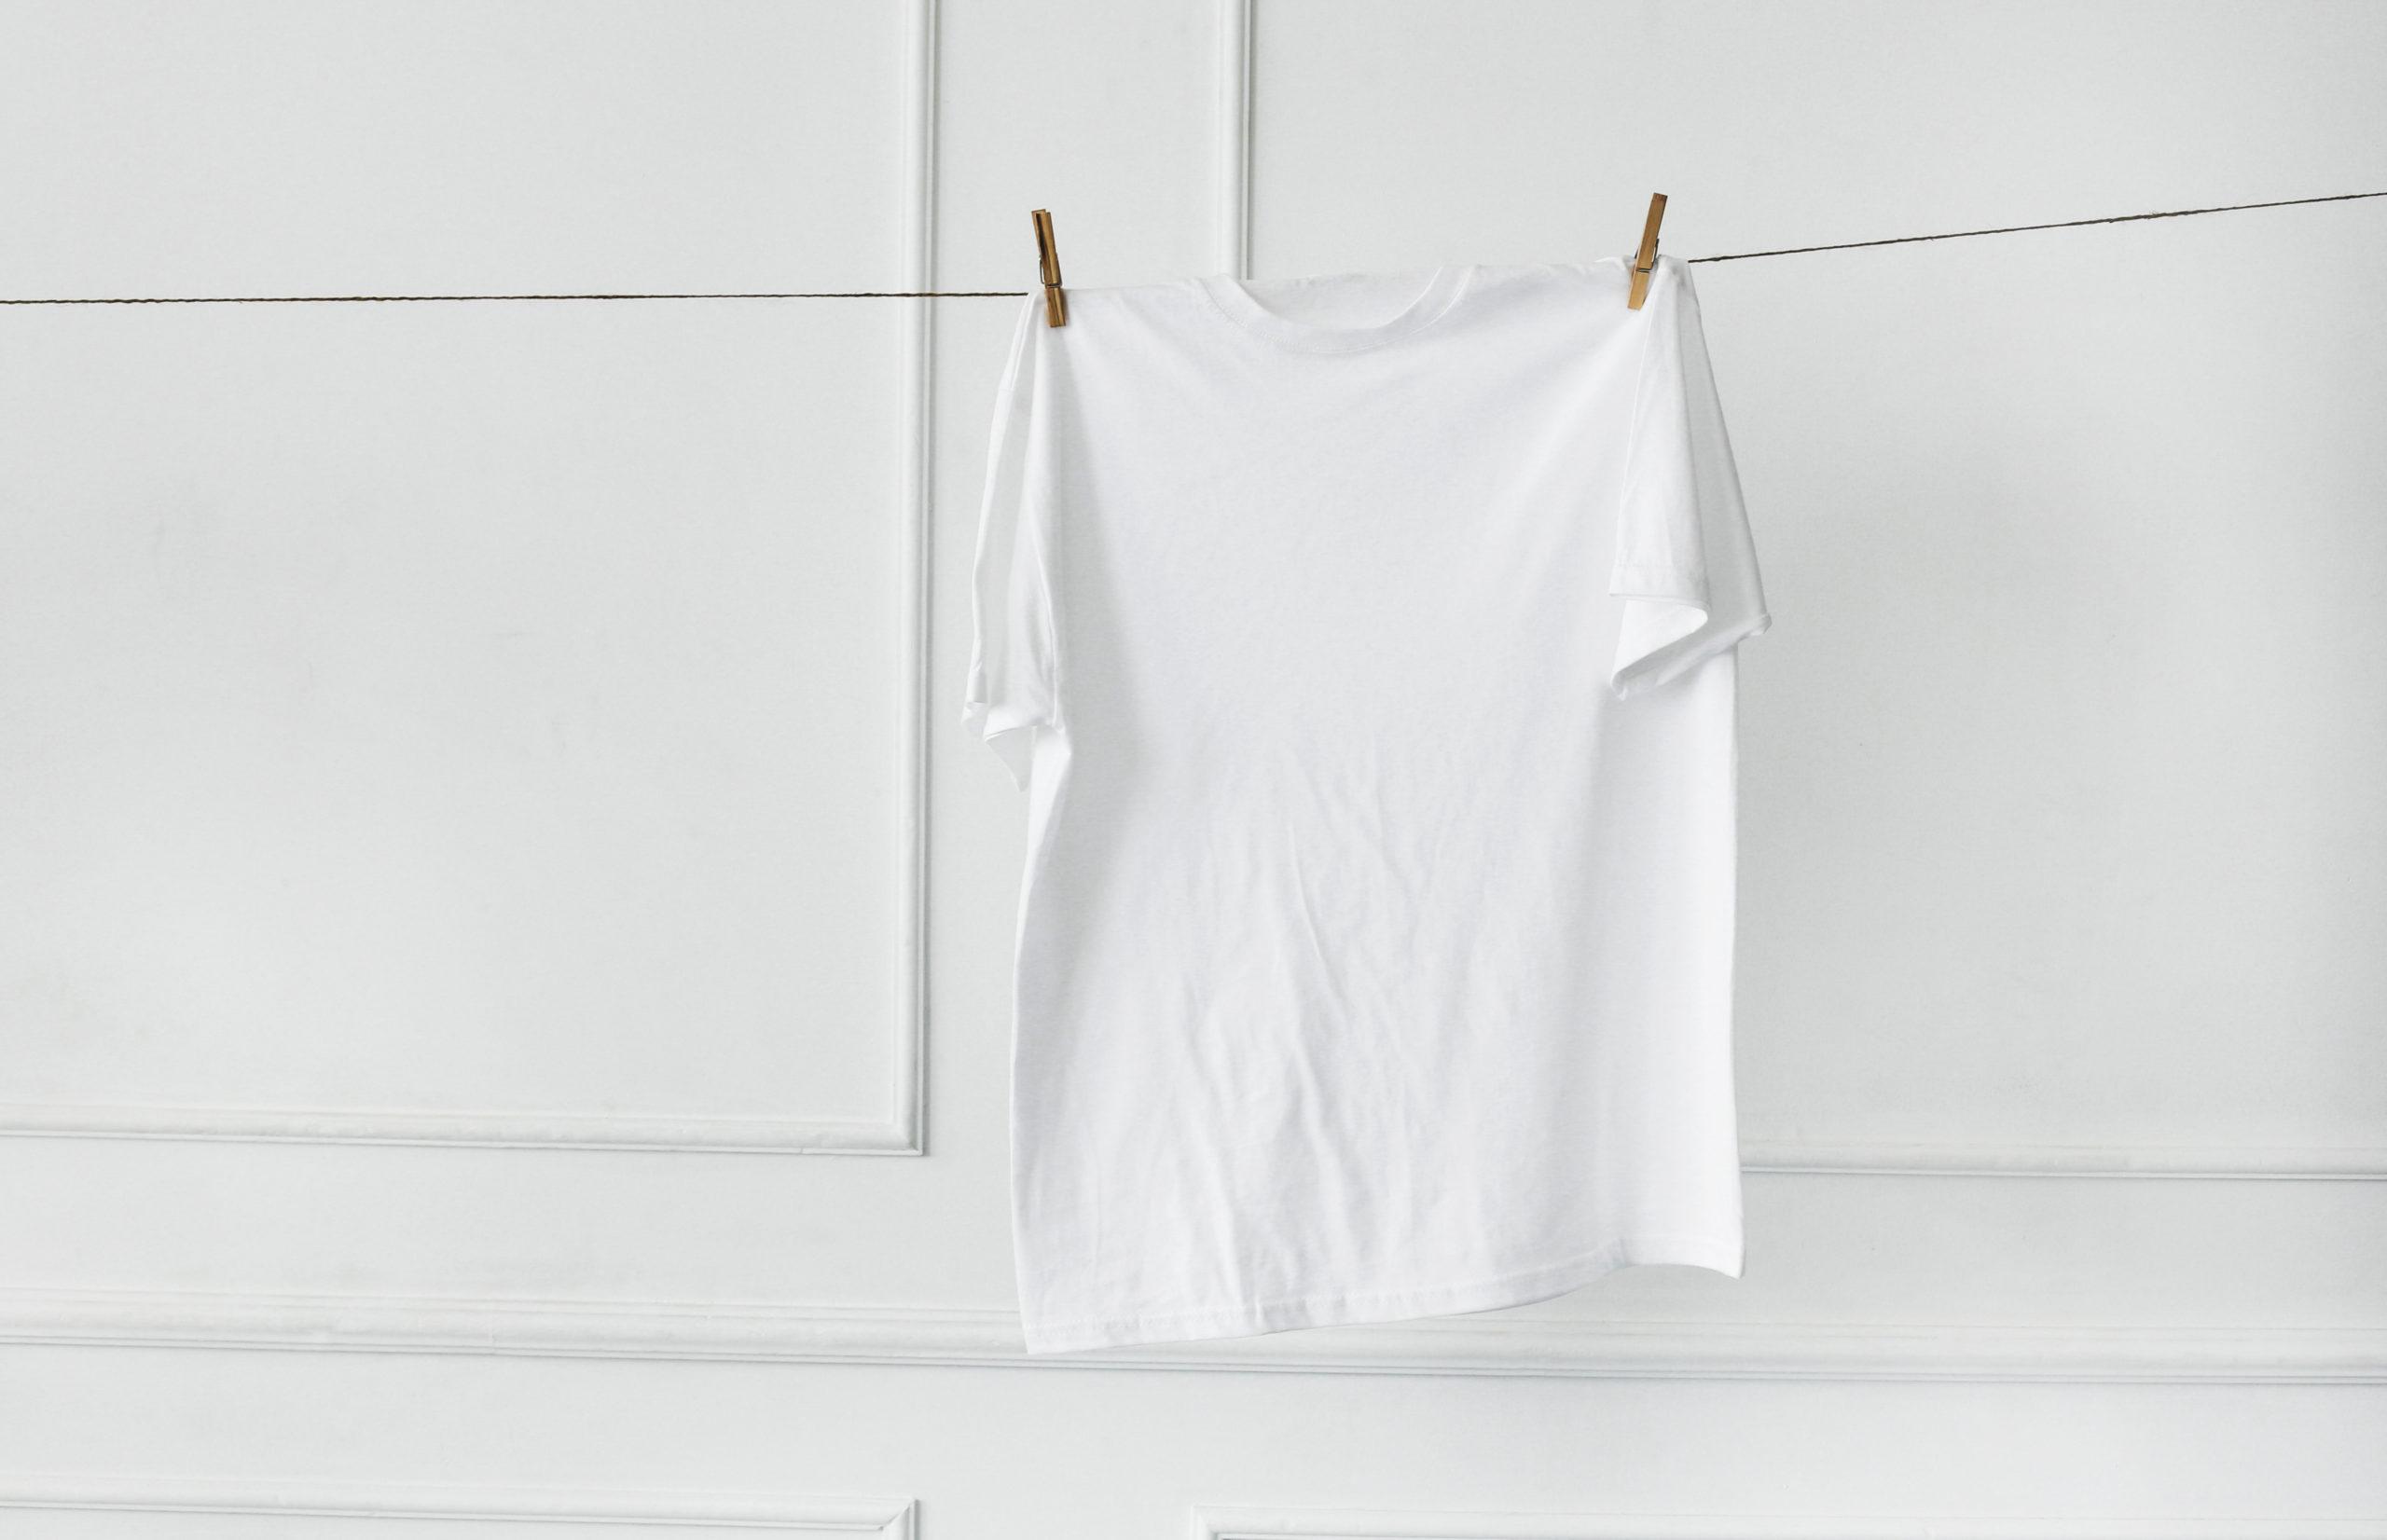 ¿Cómo eliminar manchas amarillas de las camisetas blancas?